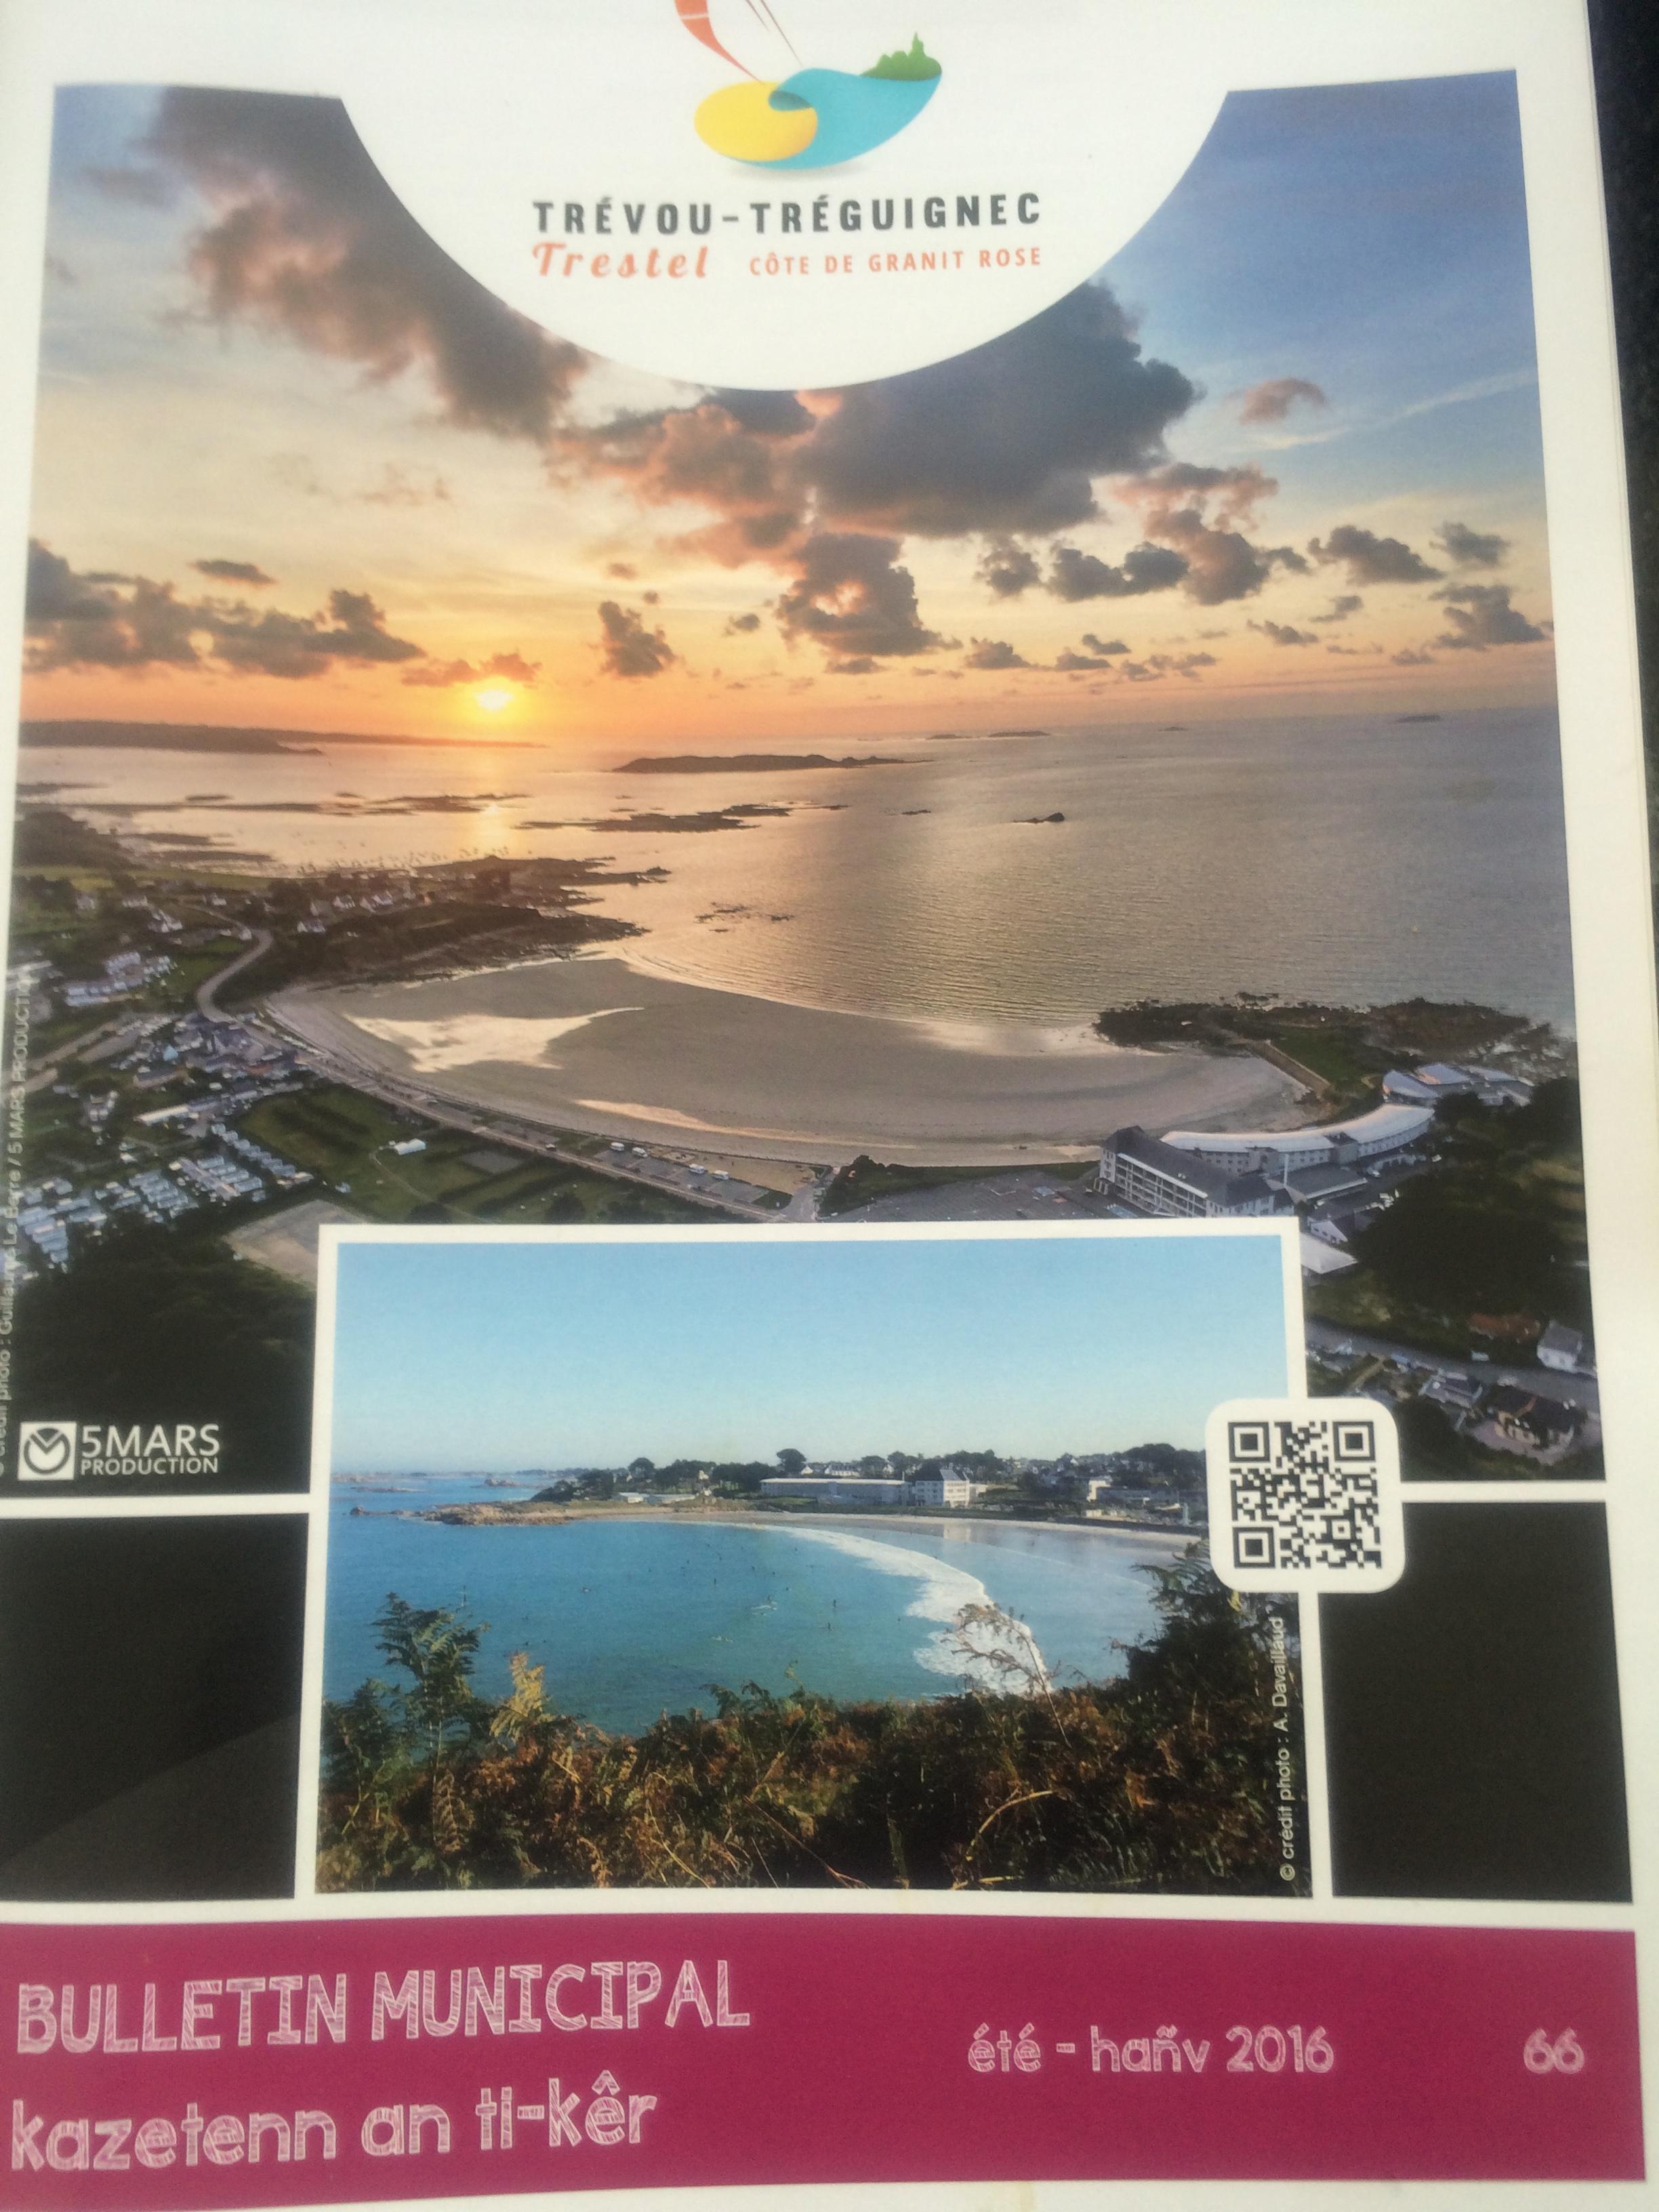 le bulletin municipal de l'été a été distribué; consultable ici